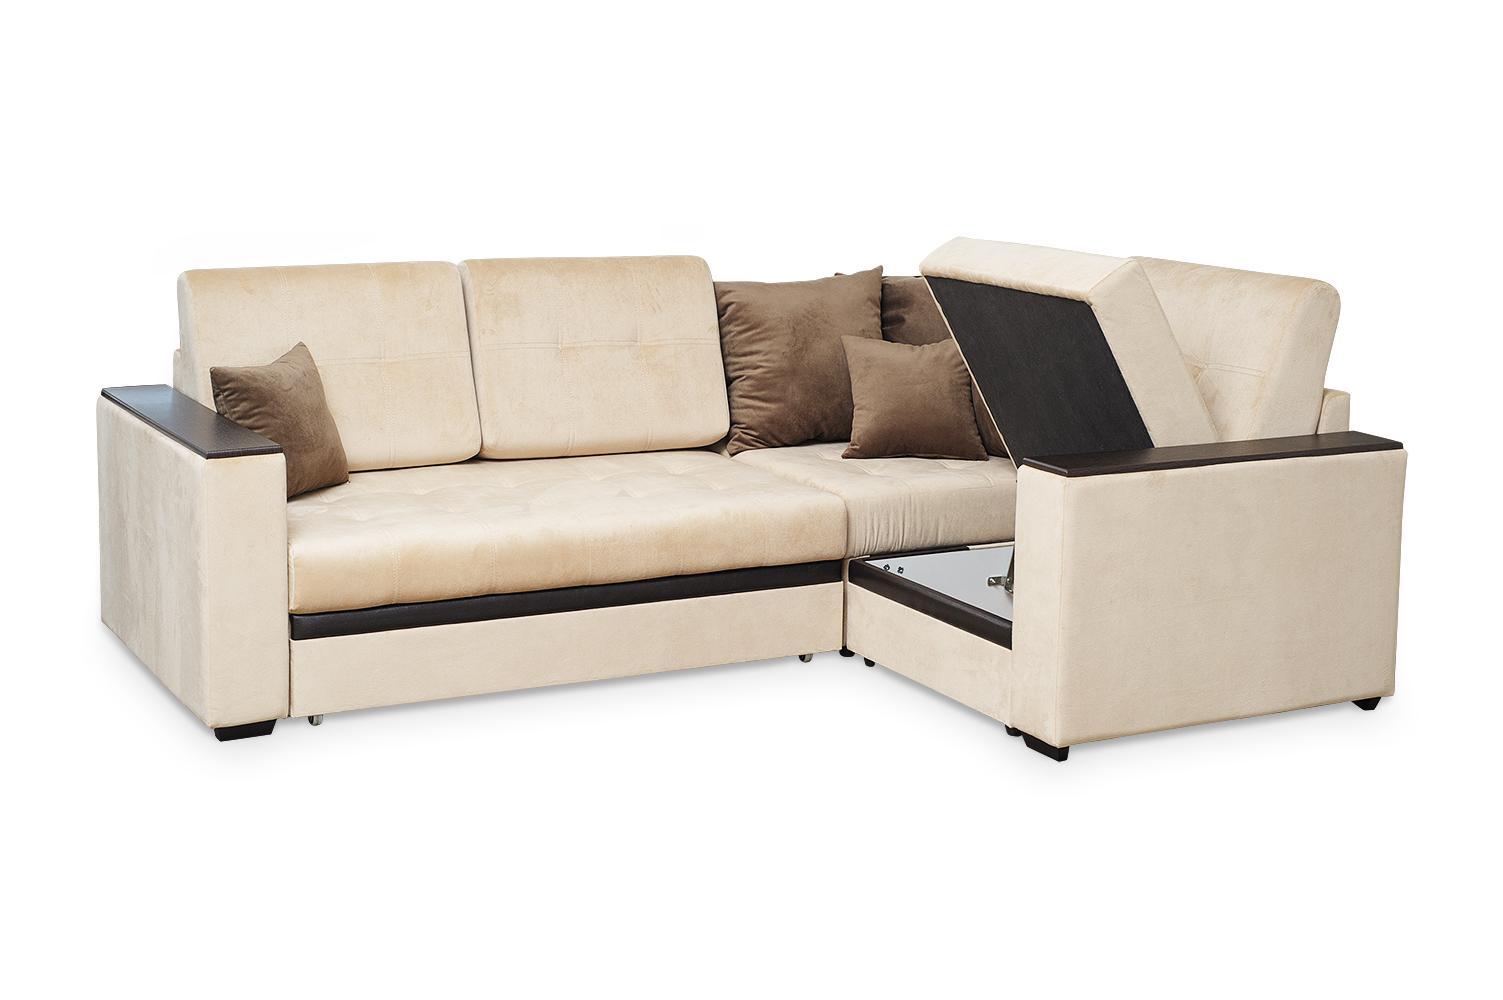 Аметист диван угловой с полукреслом.4